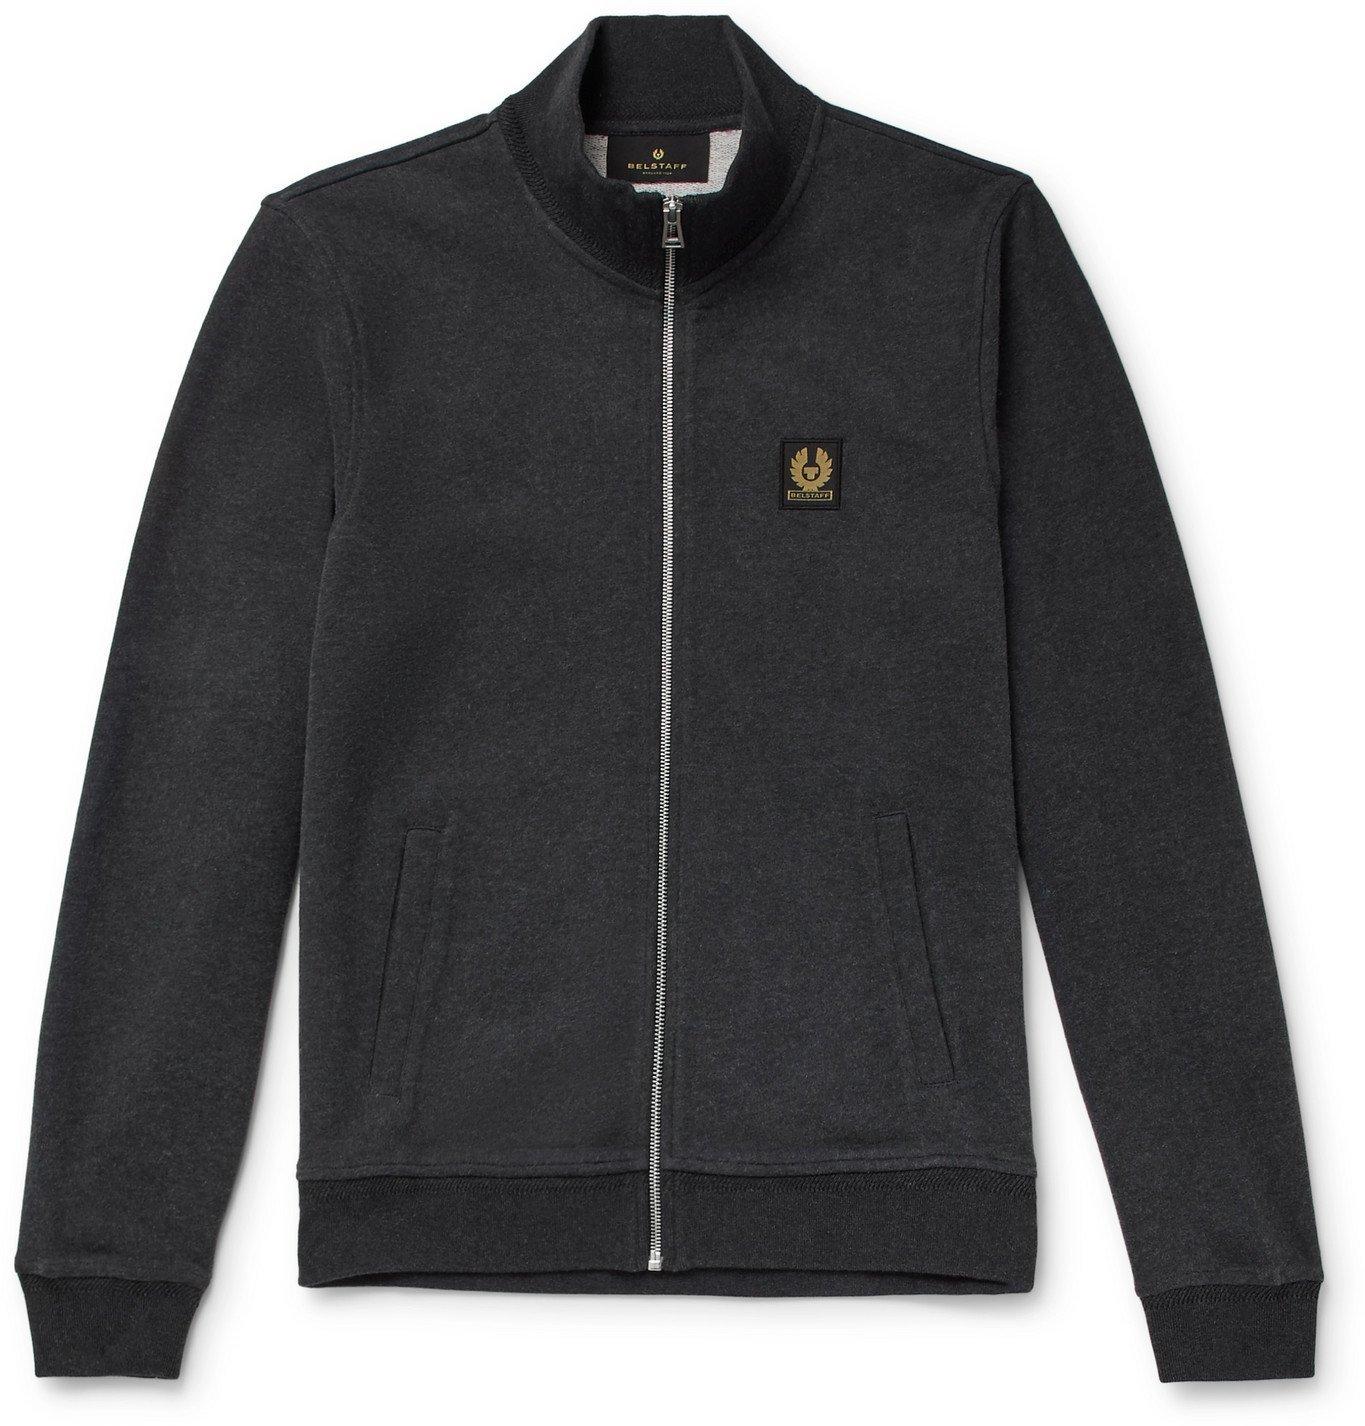 Belstaff - Mélange Cotton Zip-Up Sweatshirt - Gray